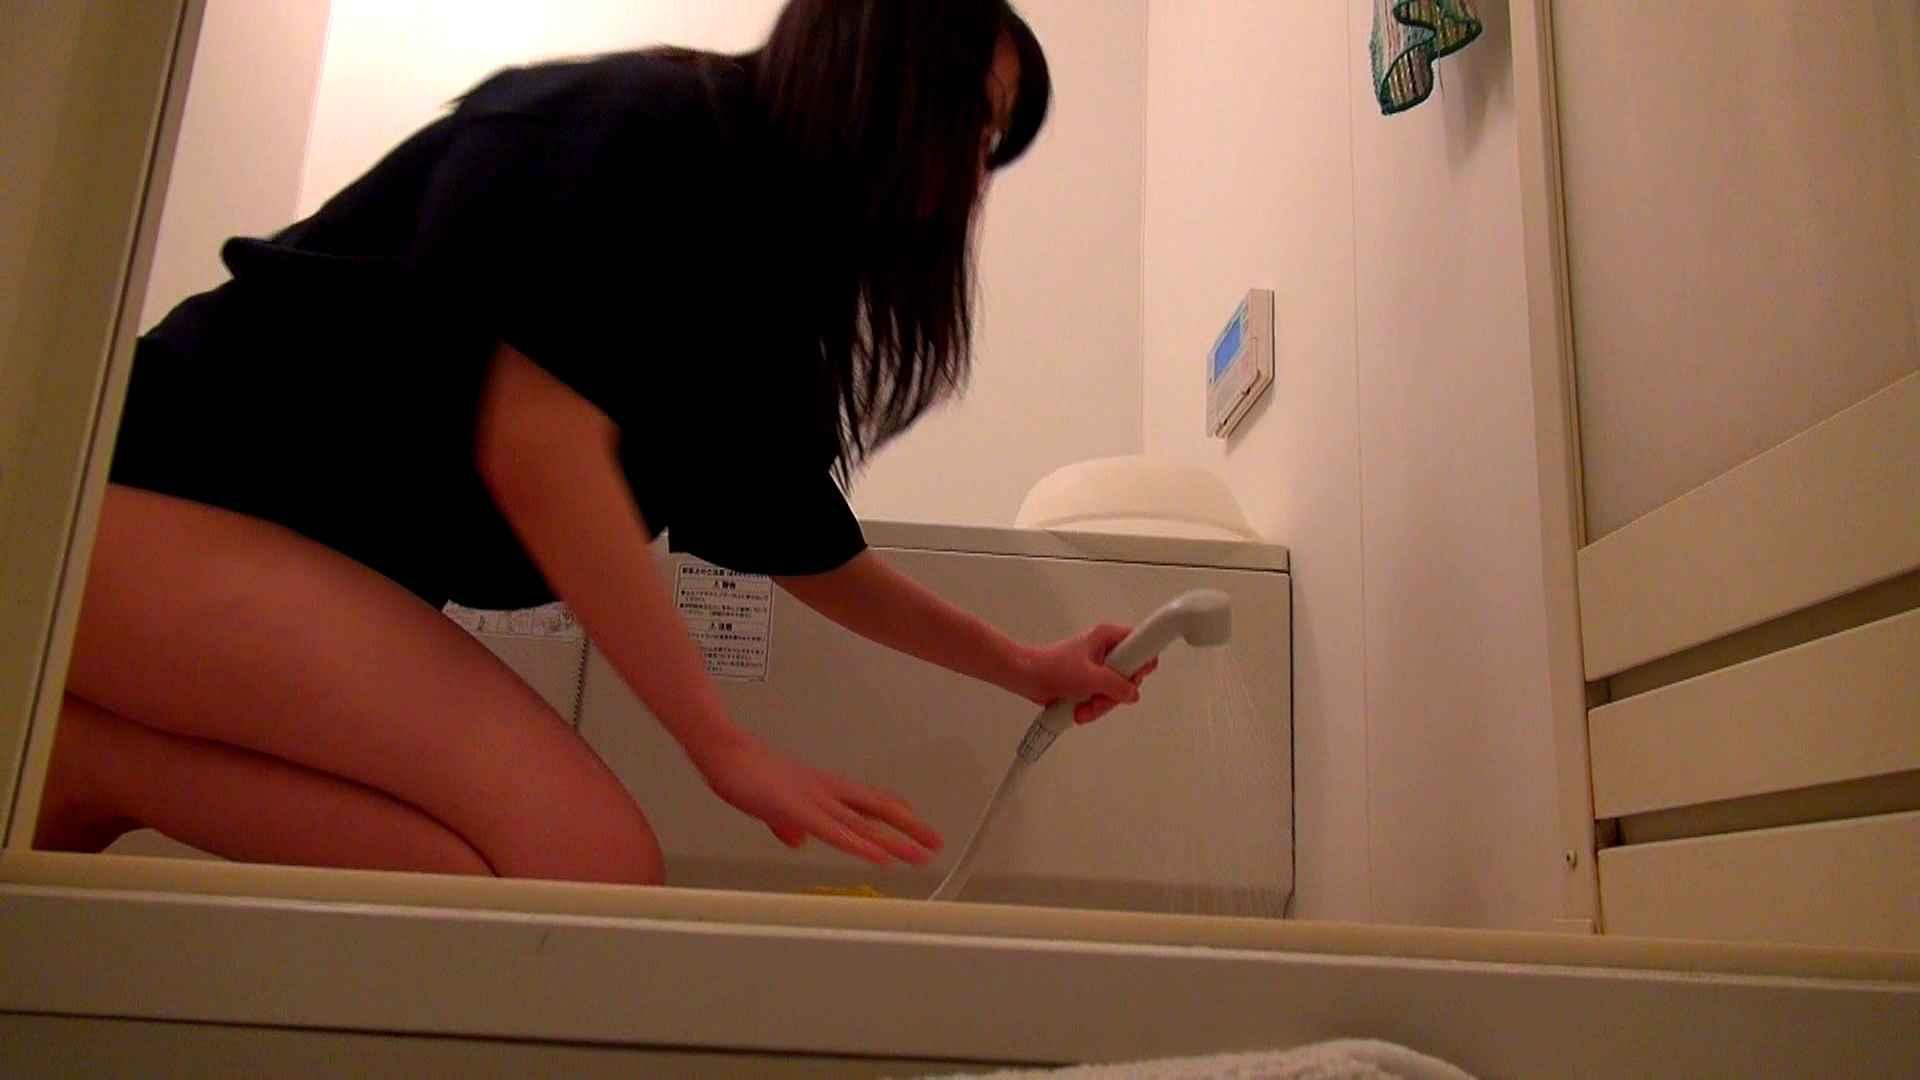 下半身裸で風呂の掃除をしてもらいました。 オマンコ全開 | 盗撮  93PIX 37